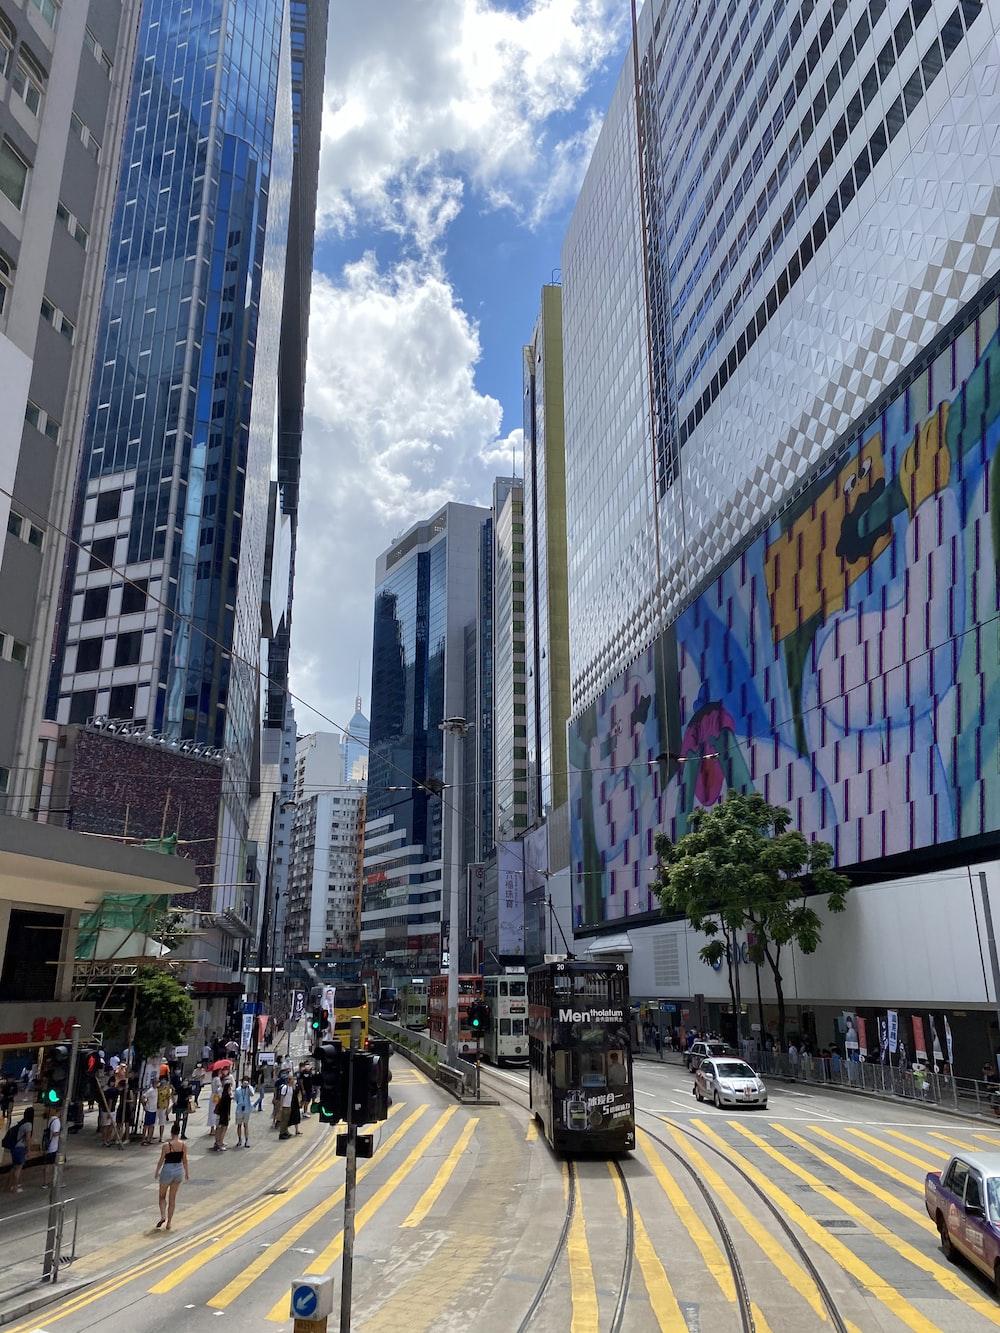 people walking on pedestrian lane near high rise buildings during daytime